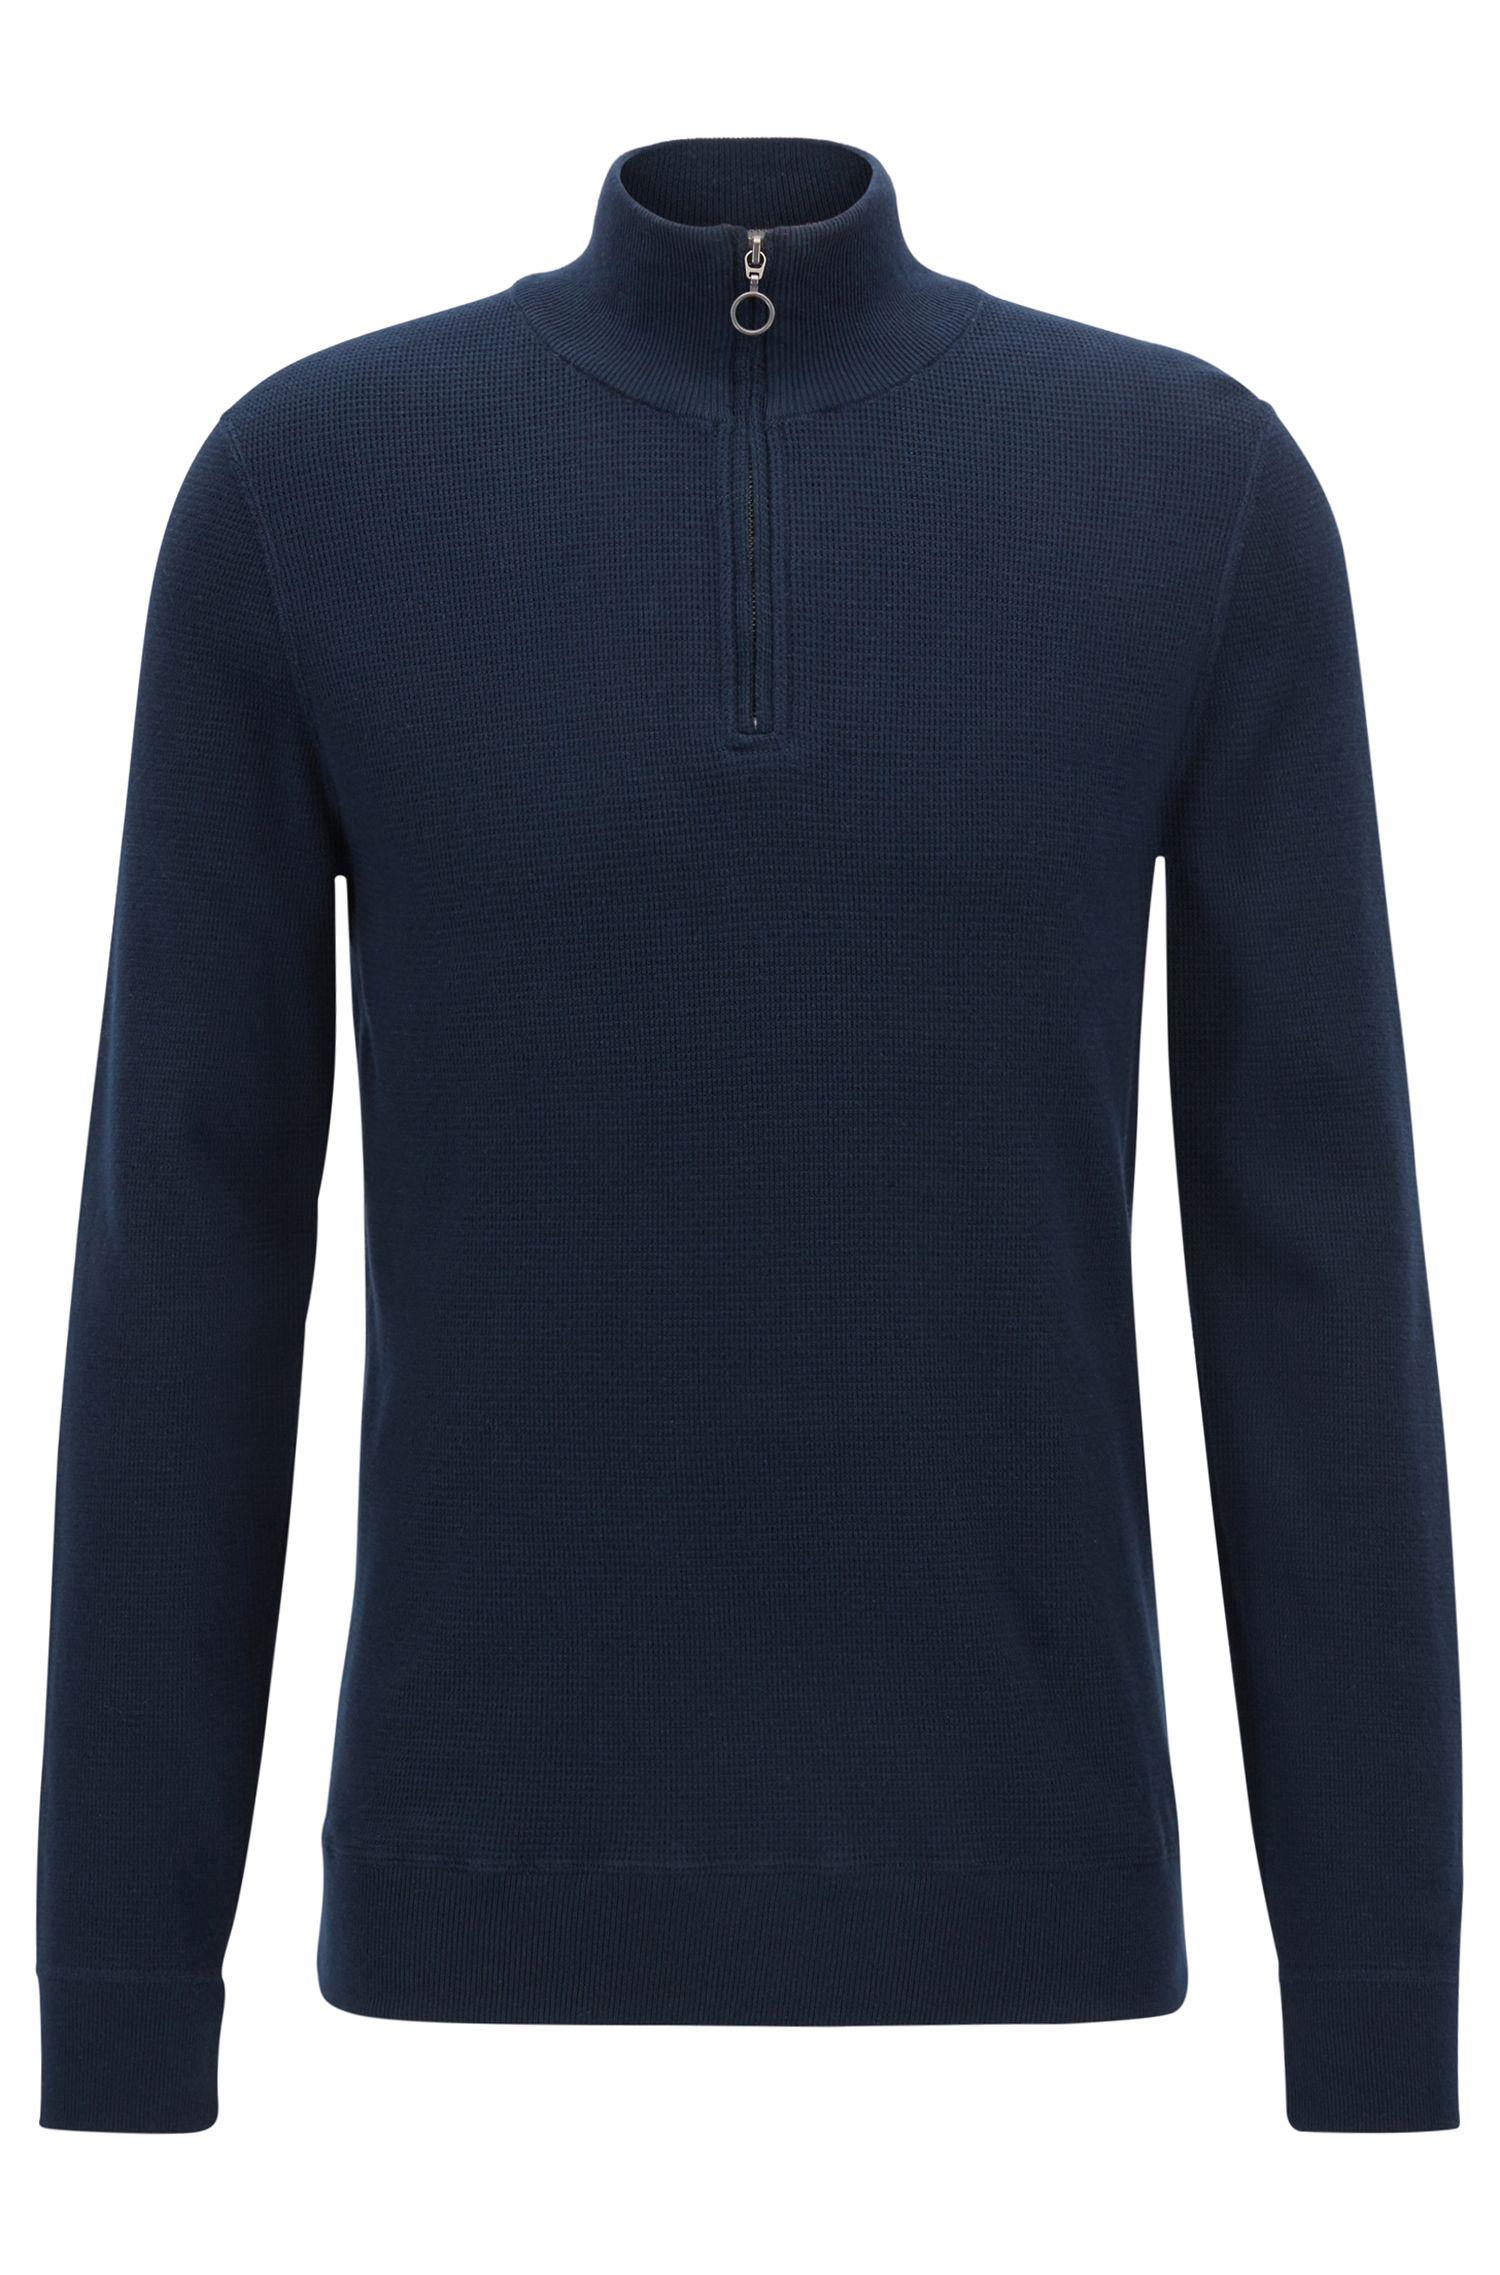 Jersey en algodón italiano de tres capas con cremallera en el cuello